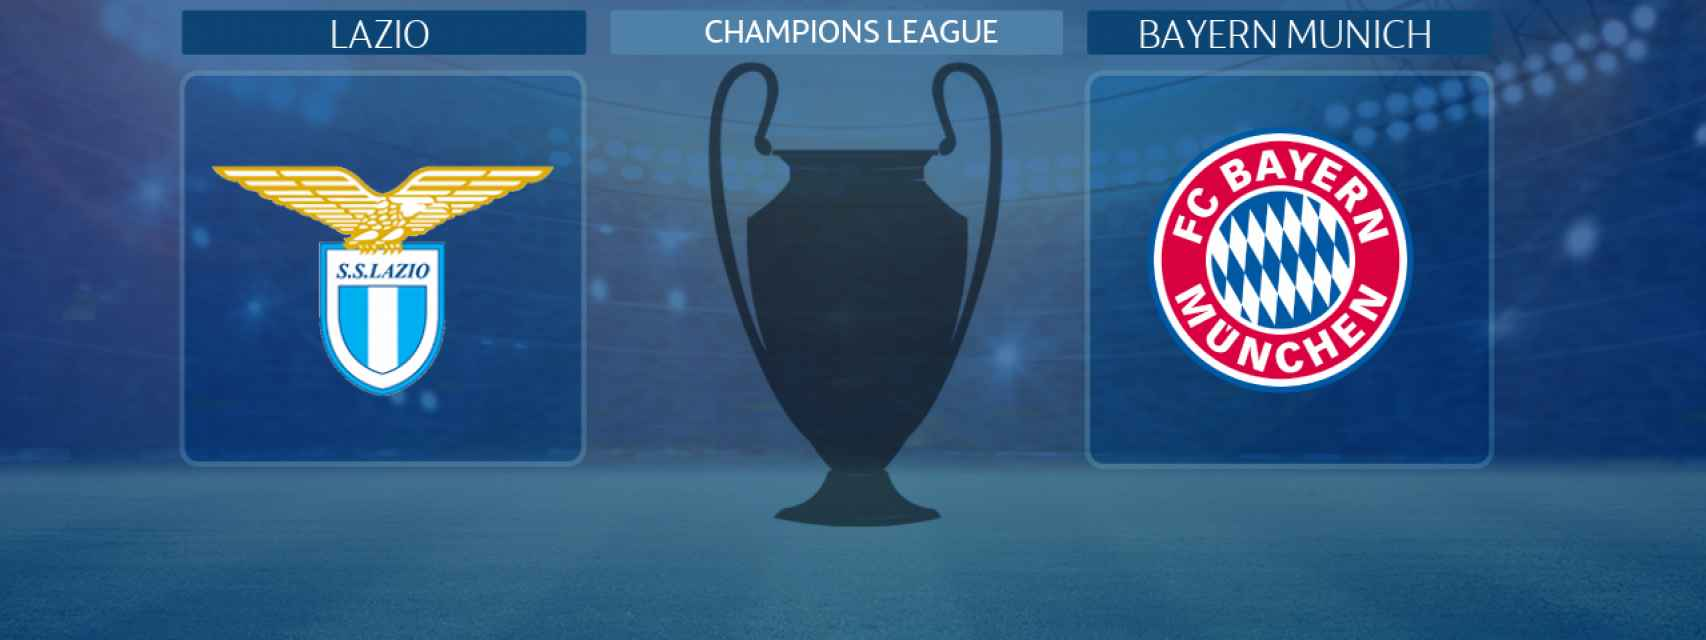 Lazio - Bayern Munich, partido de la Champions League